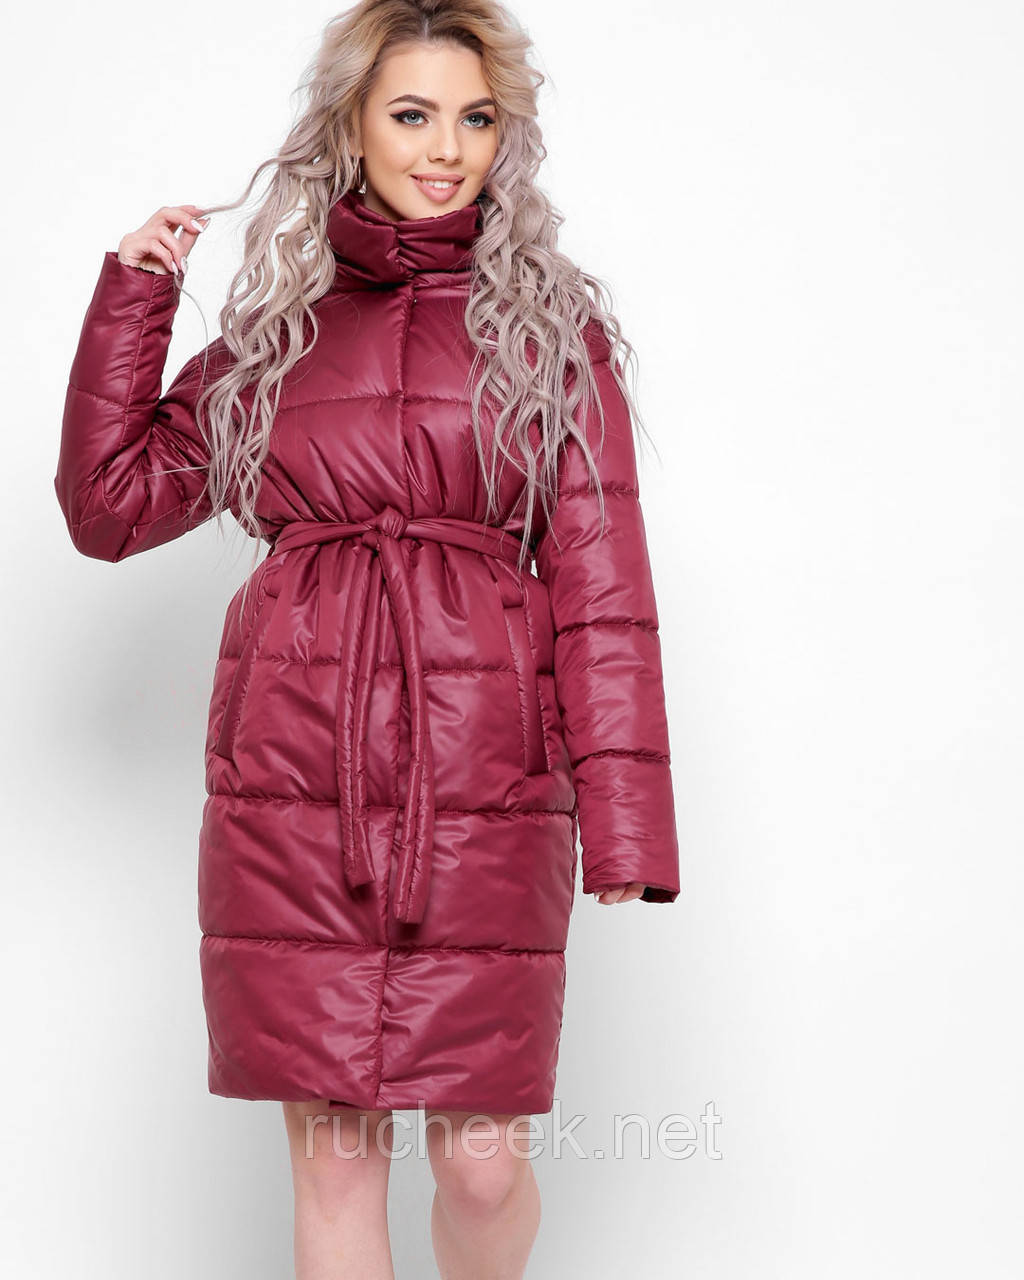 Куртка X-Woyz LS-8890-16 размер 44-46 марсала. Уудлиненная куртка пальто